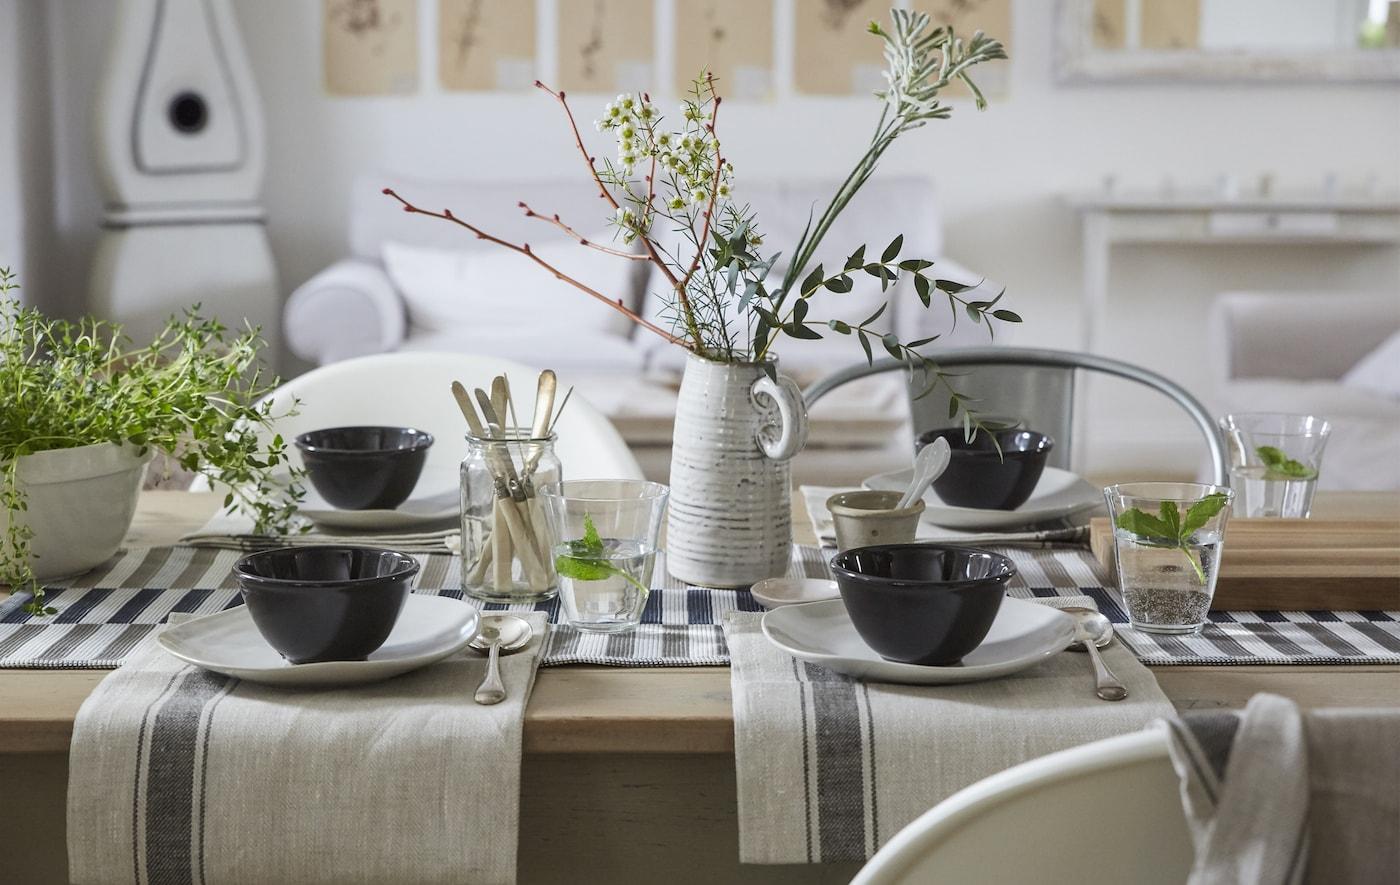 Tavola apparecchiata in tinte neutre con tovaglioli di cotone, stoviglie semplici e centrotavola d'ispirazione naturale - IKEA